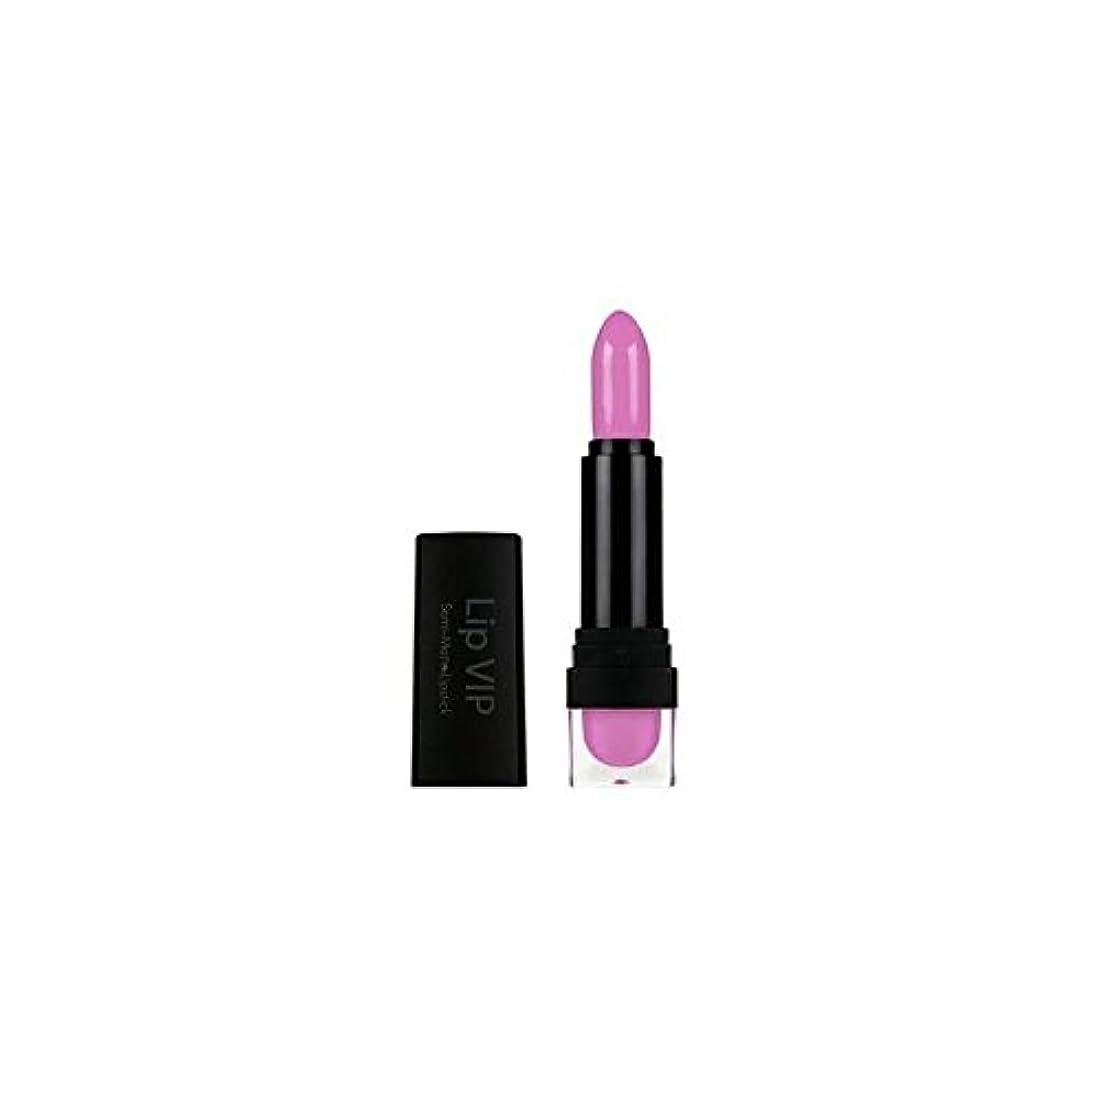 ヒロイン最初に勝者Sleek Whimsical Collection Lip V.I.P Big Shot (Pack of 6) - なめらかな気まぐれなコレクションリップ..大物 x6 [並行輸入品]